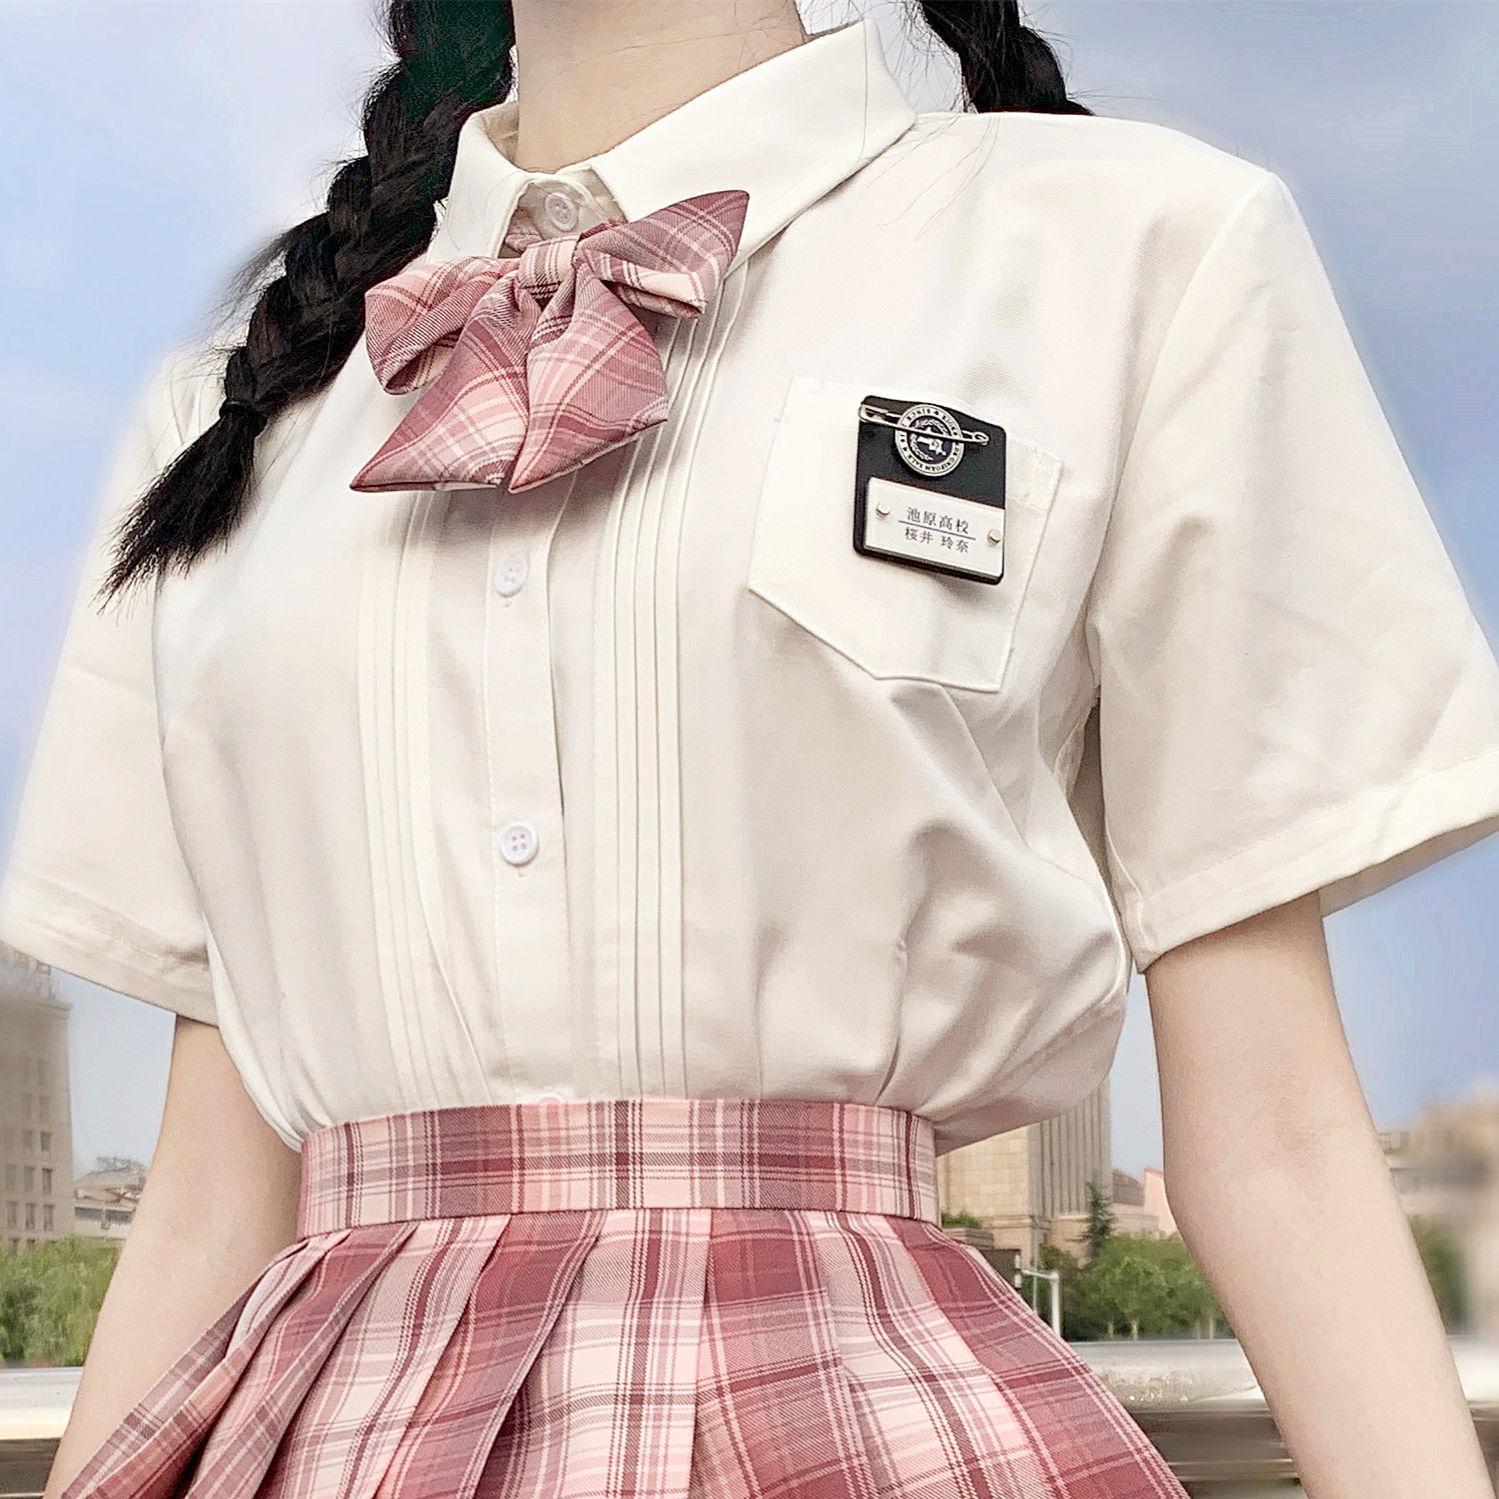 热卖新款【木子酱】风琴褶衬衫JK制服上衣角襟白衬衫日制长袖短袖